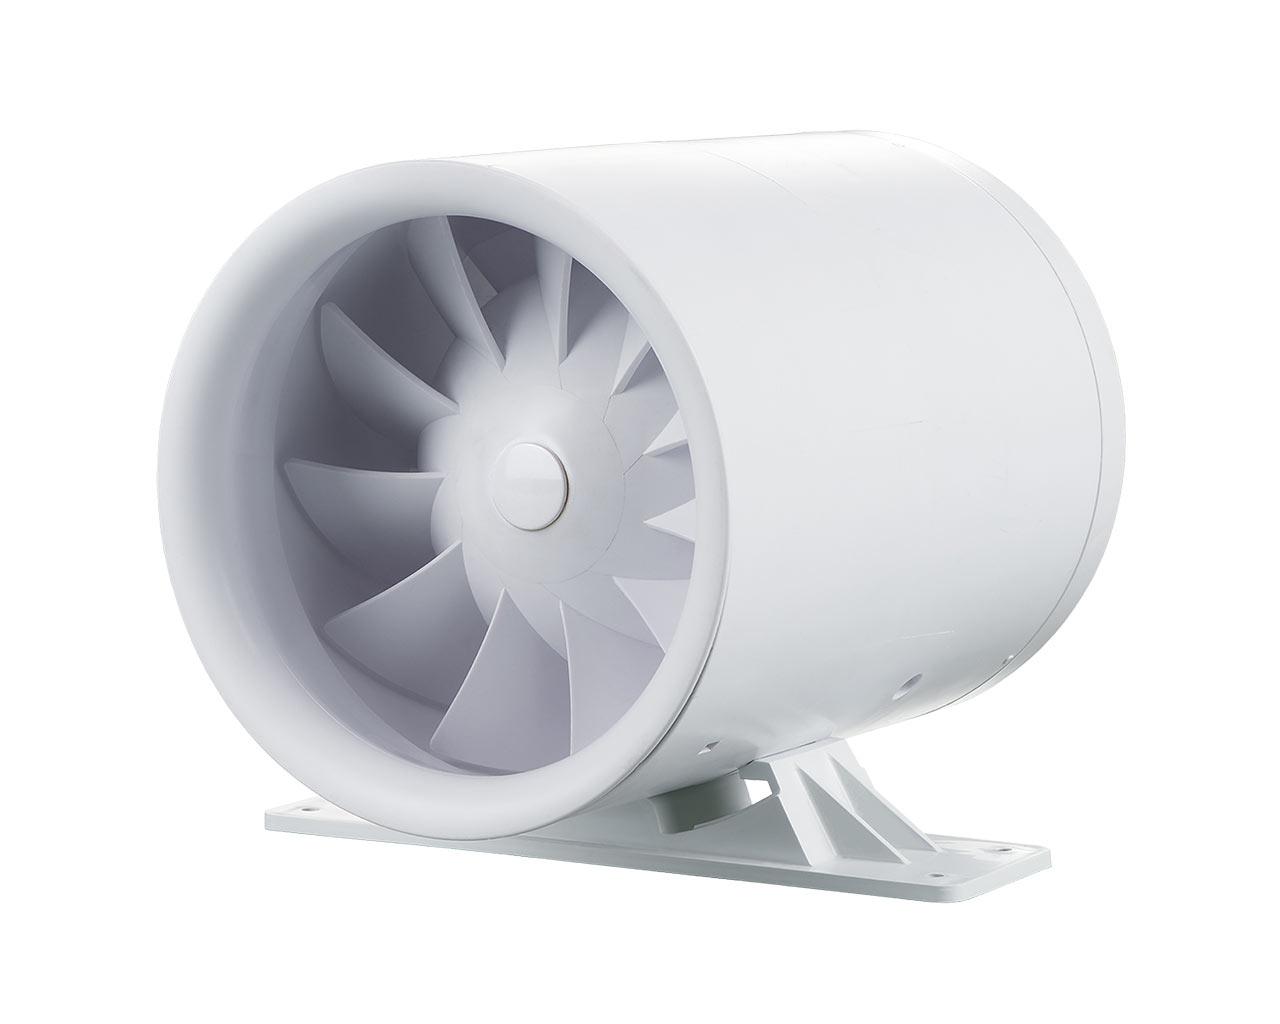 SIKU 150 Turbine-k Duo T1